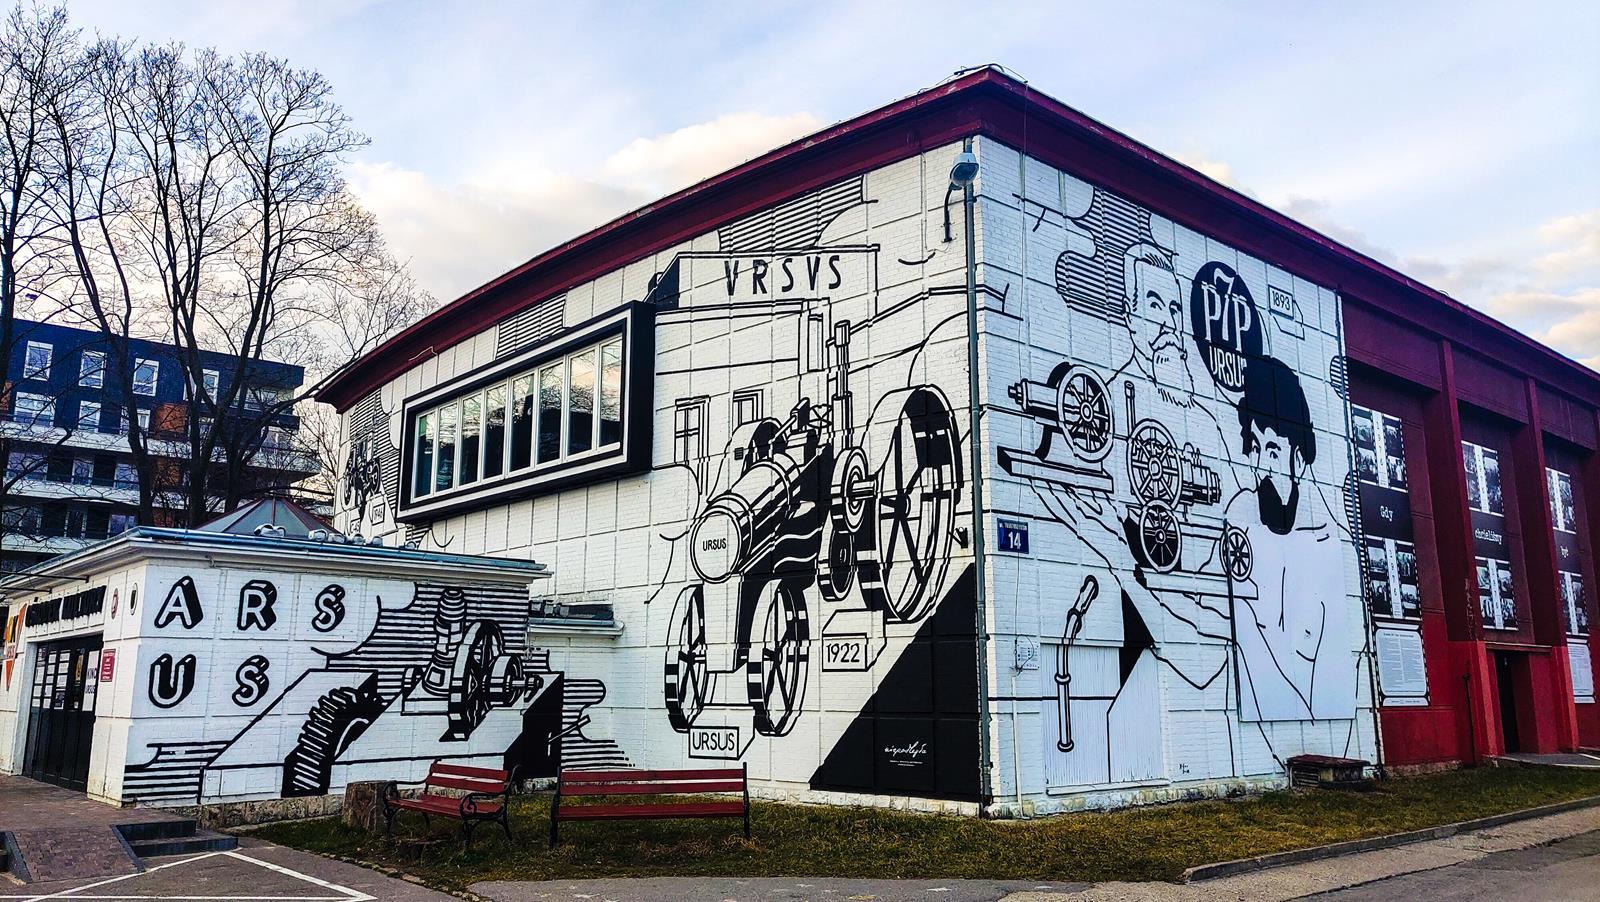 Ursus mural